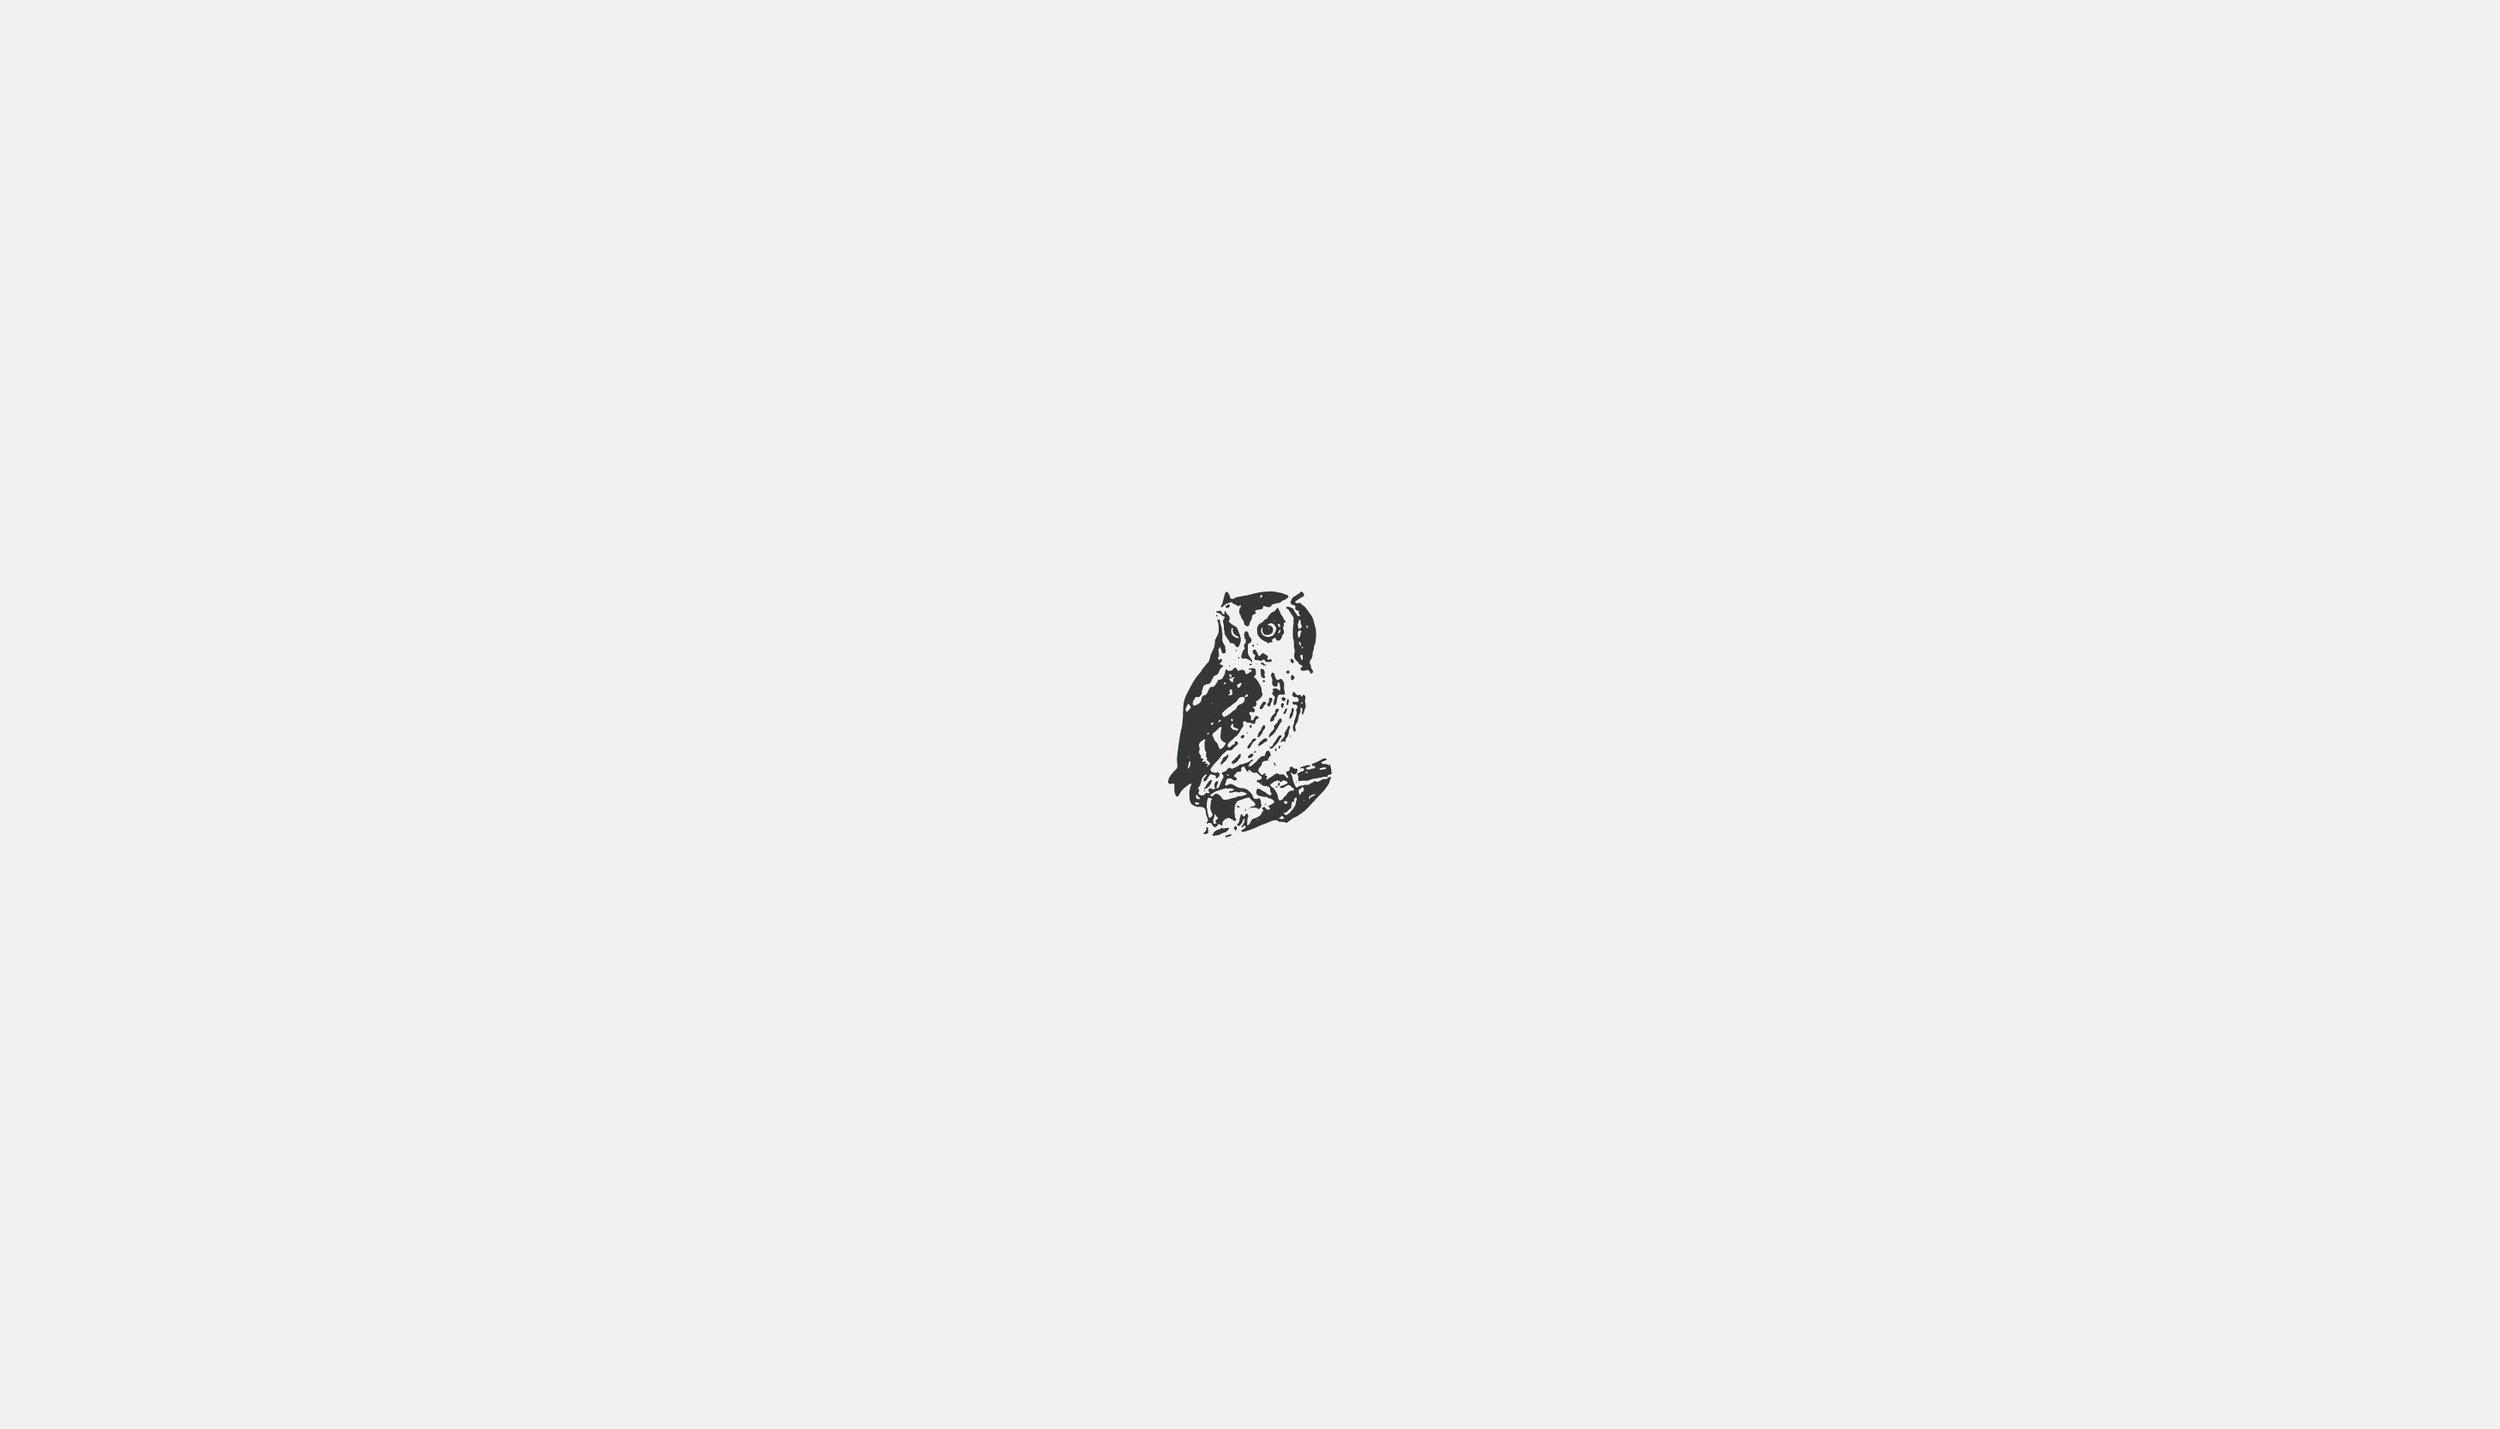 LOGO_2018_ALL48.jpg